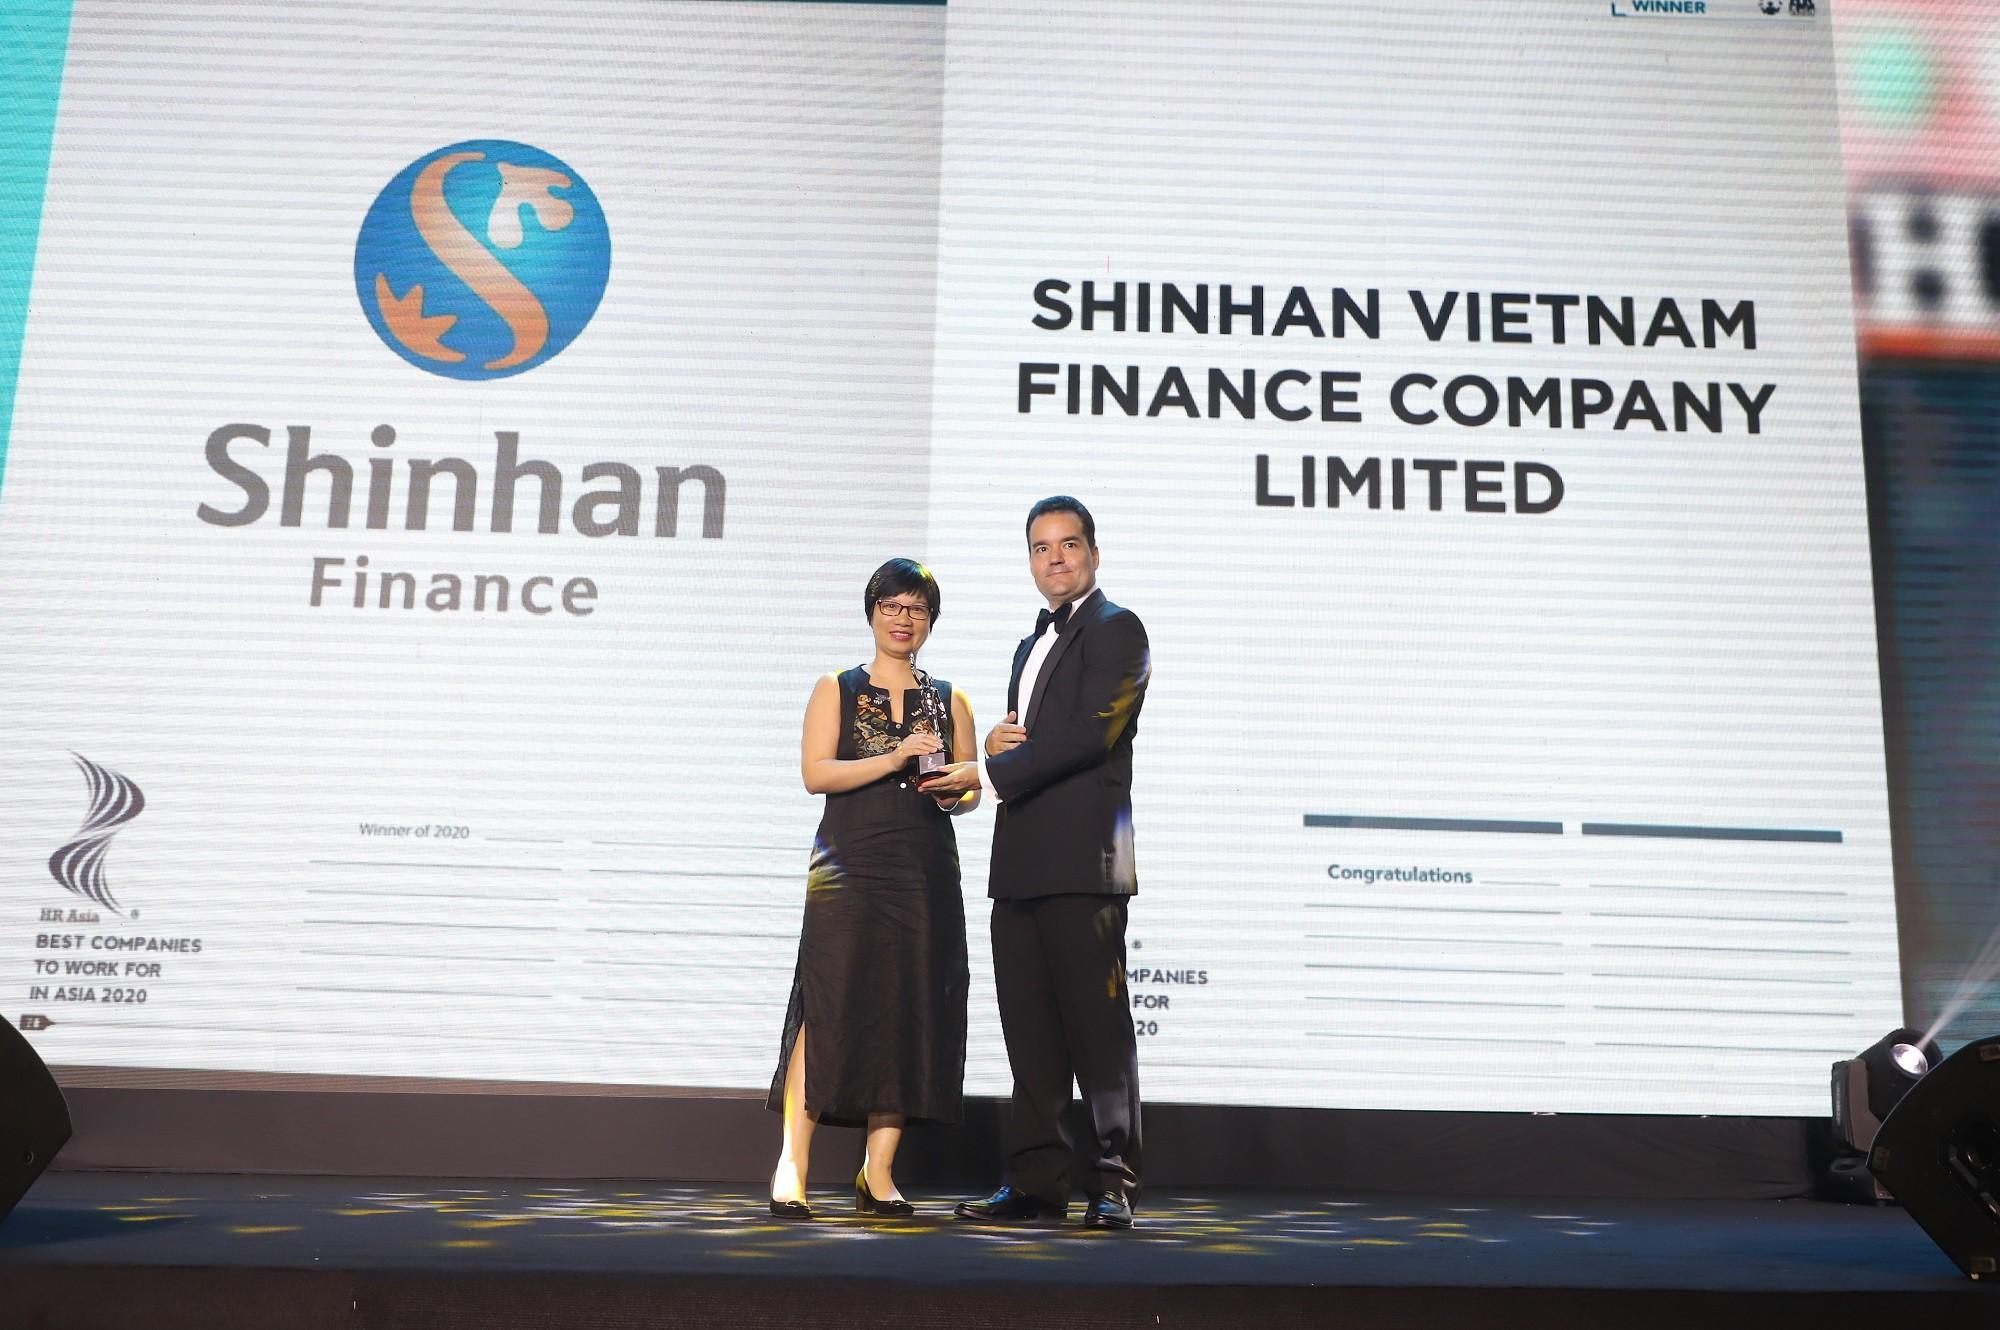 Shinhan Finance là một trong những nơi làm việc tốt nhất Châu Á năm 2020 theo HR Asia Ảnh 1